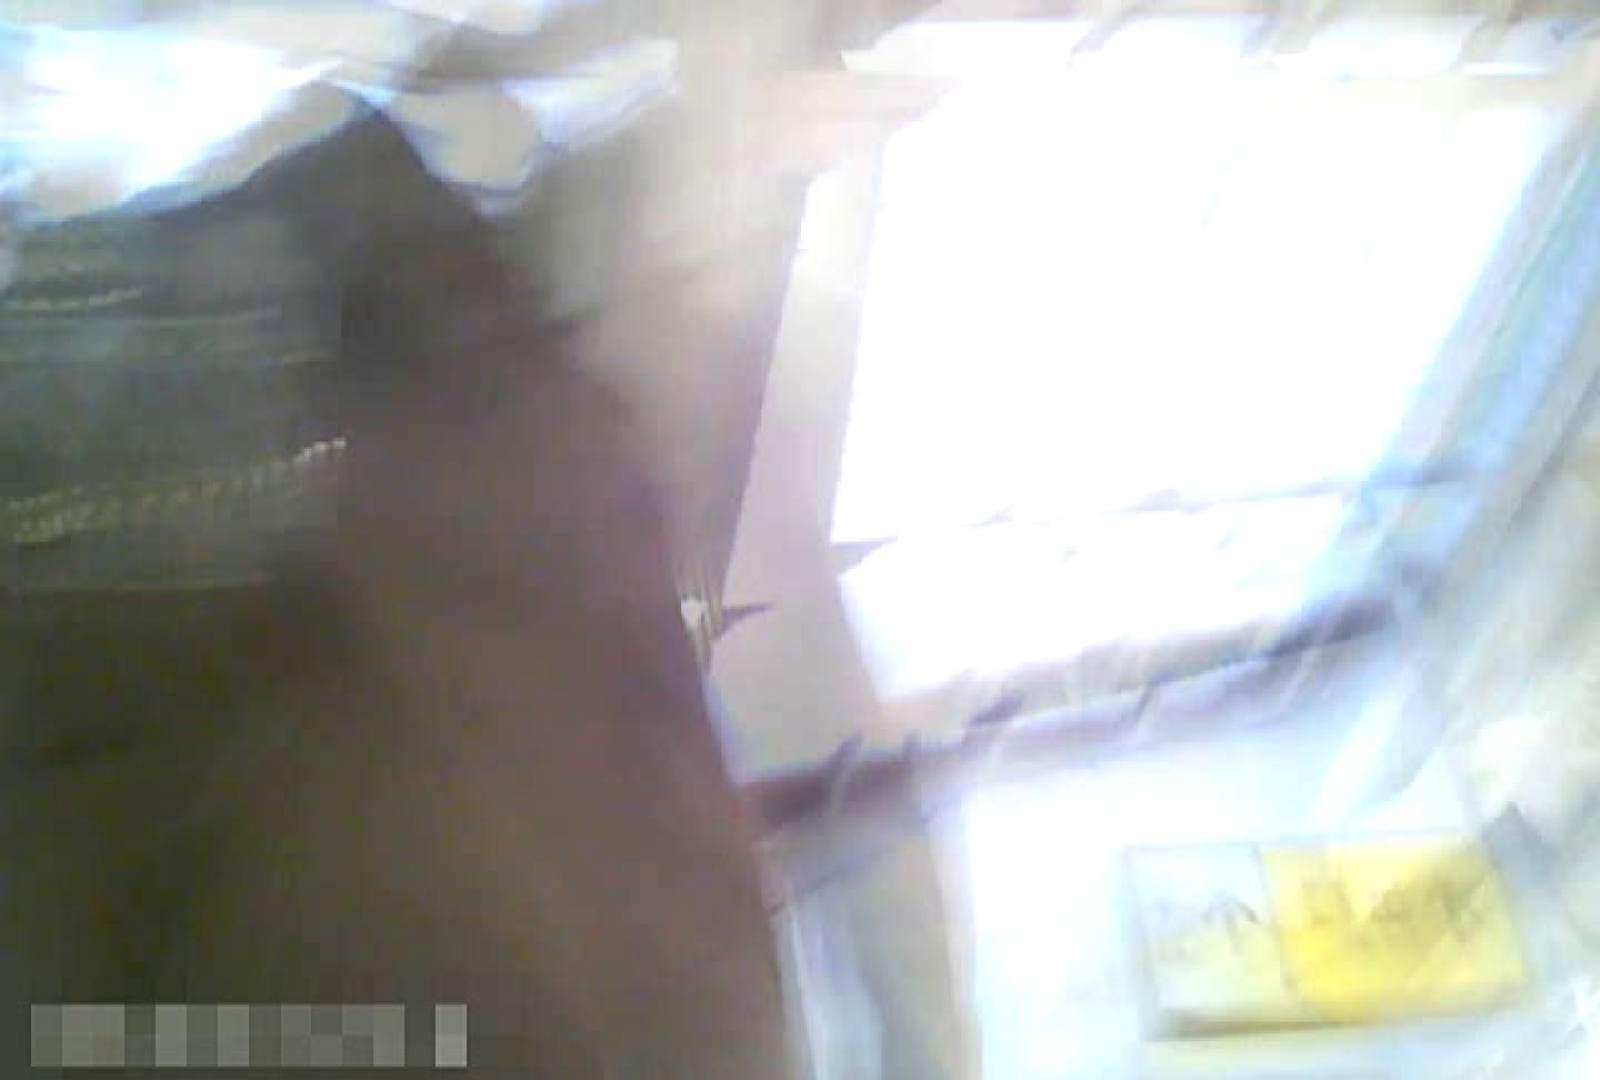 「チキン男」さんの制服ウォッチングVol.5 学校 盗み撮りオマンコ動画キャプチャ 98画像 75